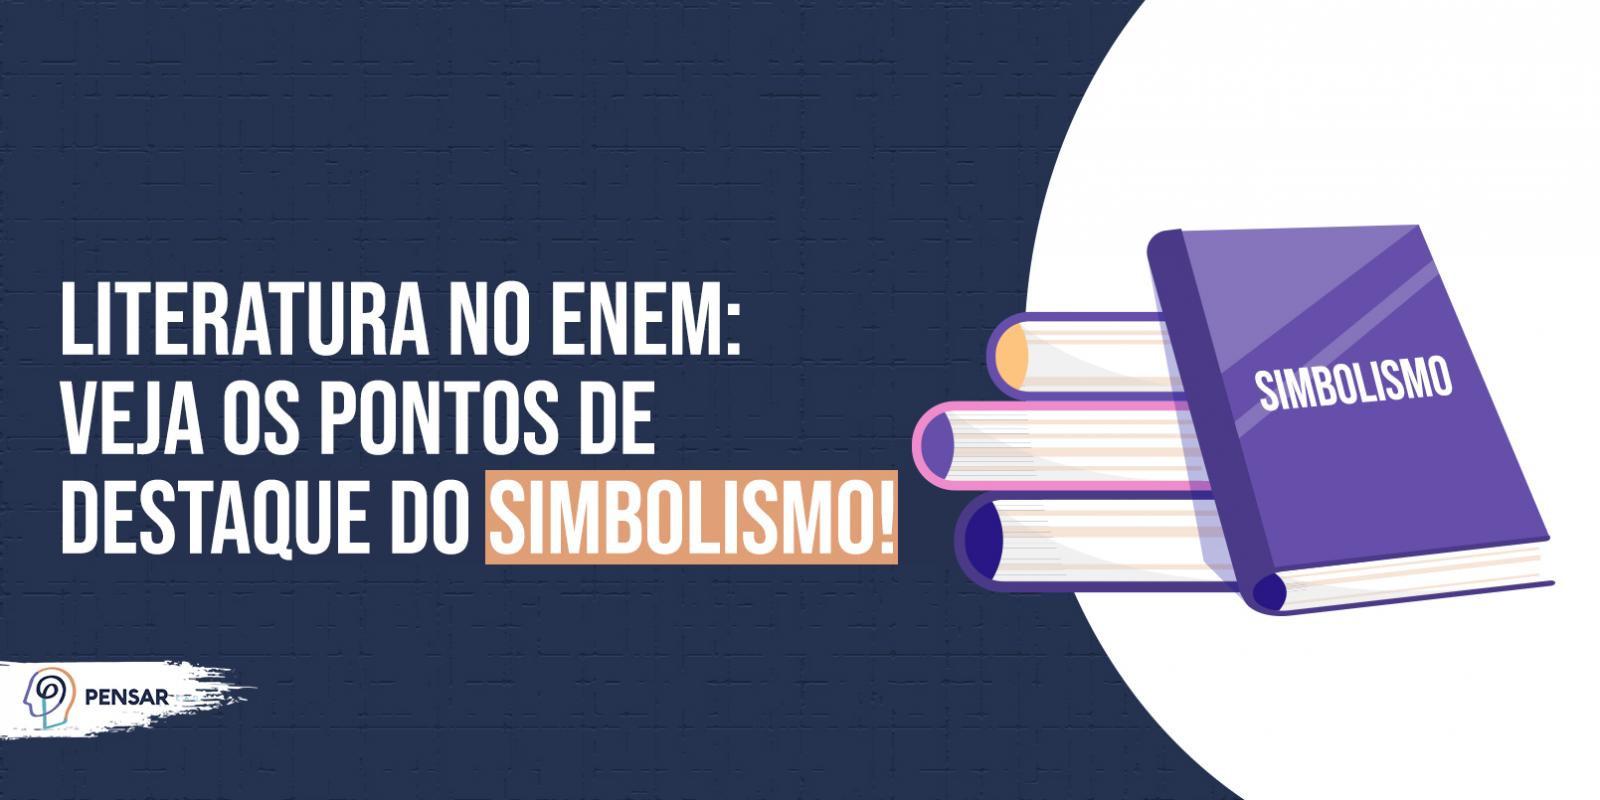 Literatura no ENEM: veja os pontos de destaque do Simbolismo!